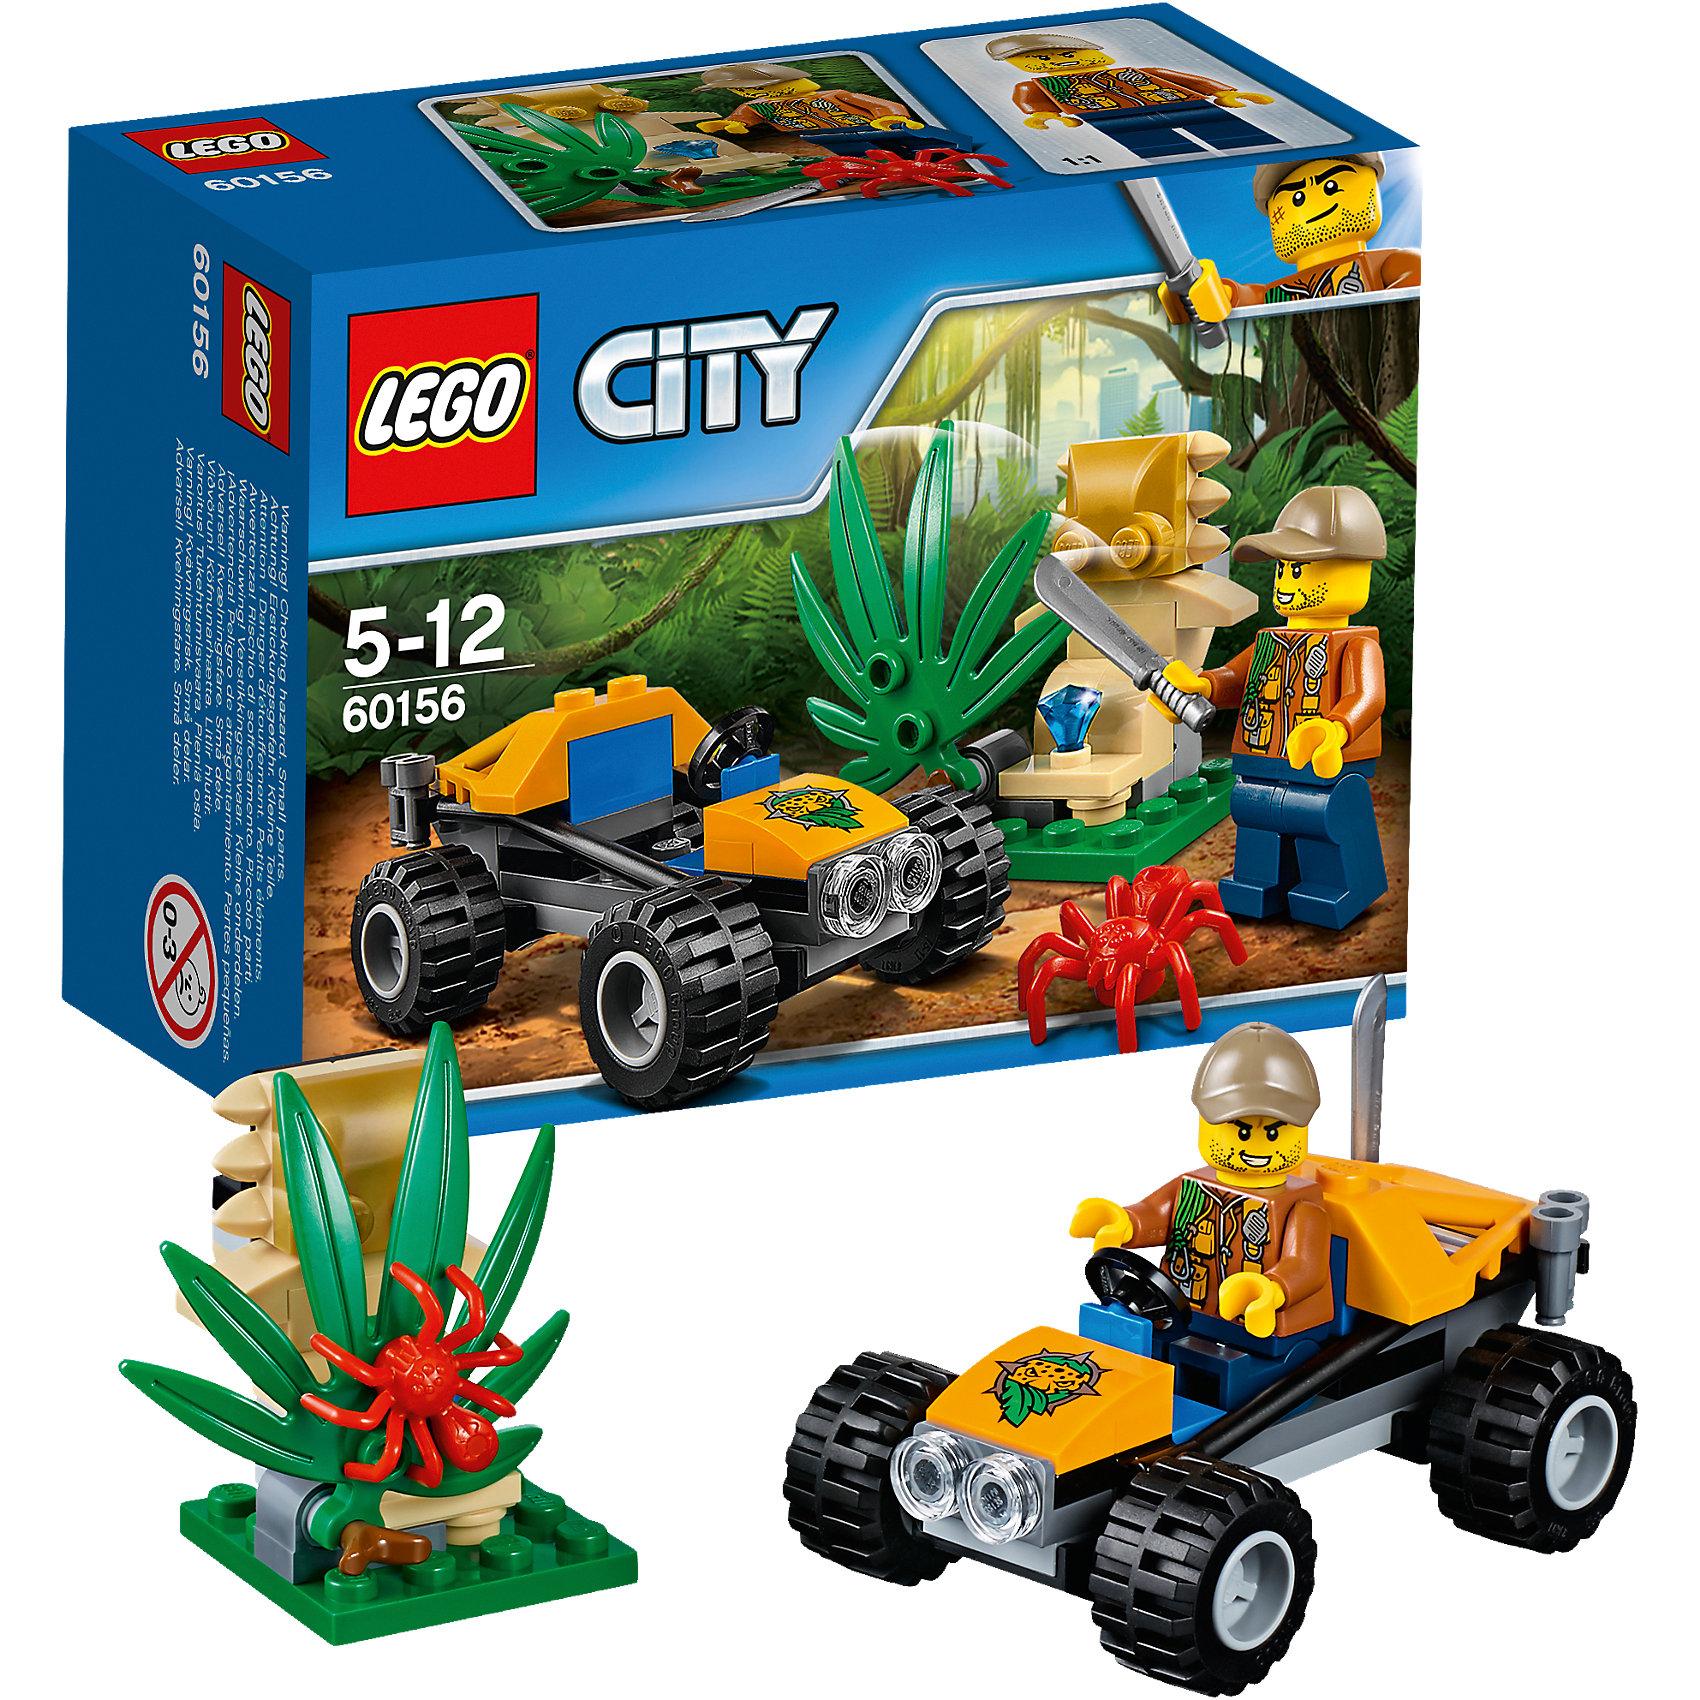 LEGO City 60156: Багги для поездок по джунглямПластмассовые конструкторы<br><br><br>Ширина мм: 124<br>Глубина мм: 93<br>Высота мм: 60<br>Вес г: 78<br>Возраст от месяцев: 60<br>Возраст до месяцев: 144<br>Пол: Мужской<br>Возраст: Детский<br>SKU: 5620028